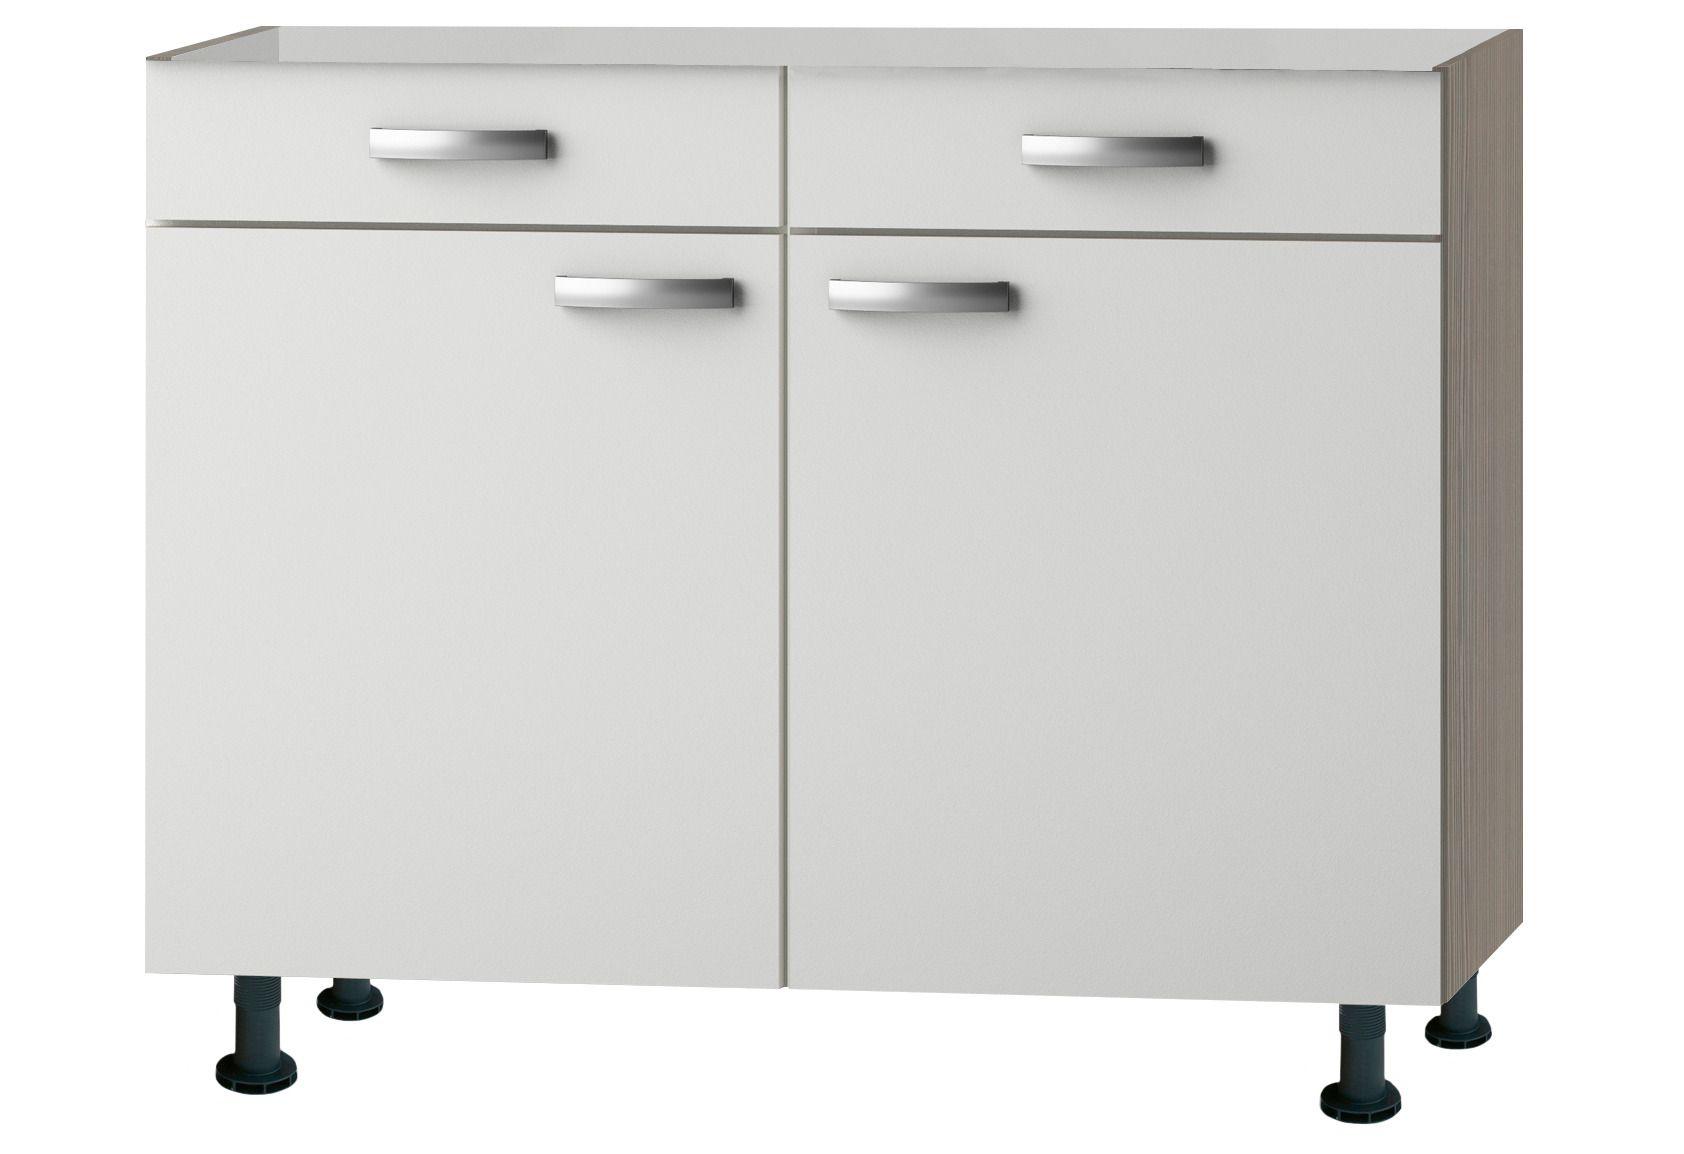 k chenunterschrank torger breite 100 cm schwab versand k chenunterschr nke. Black Bedroom Furniture Sets. Home Design Ideas